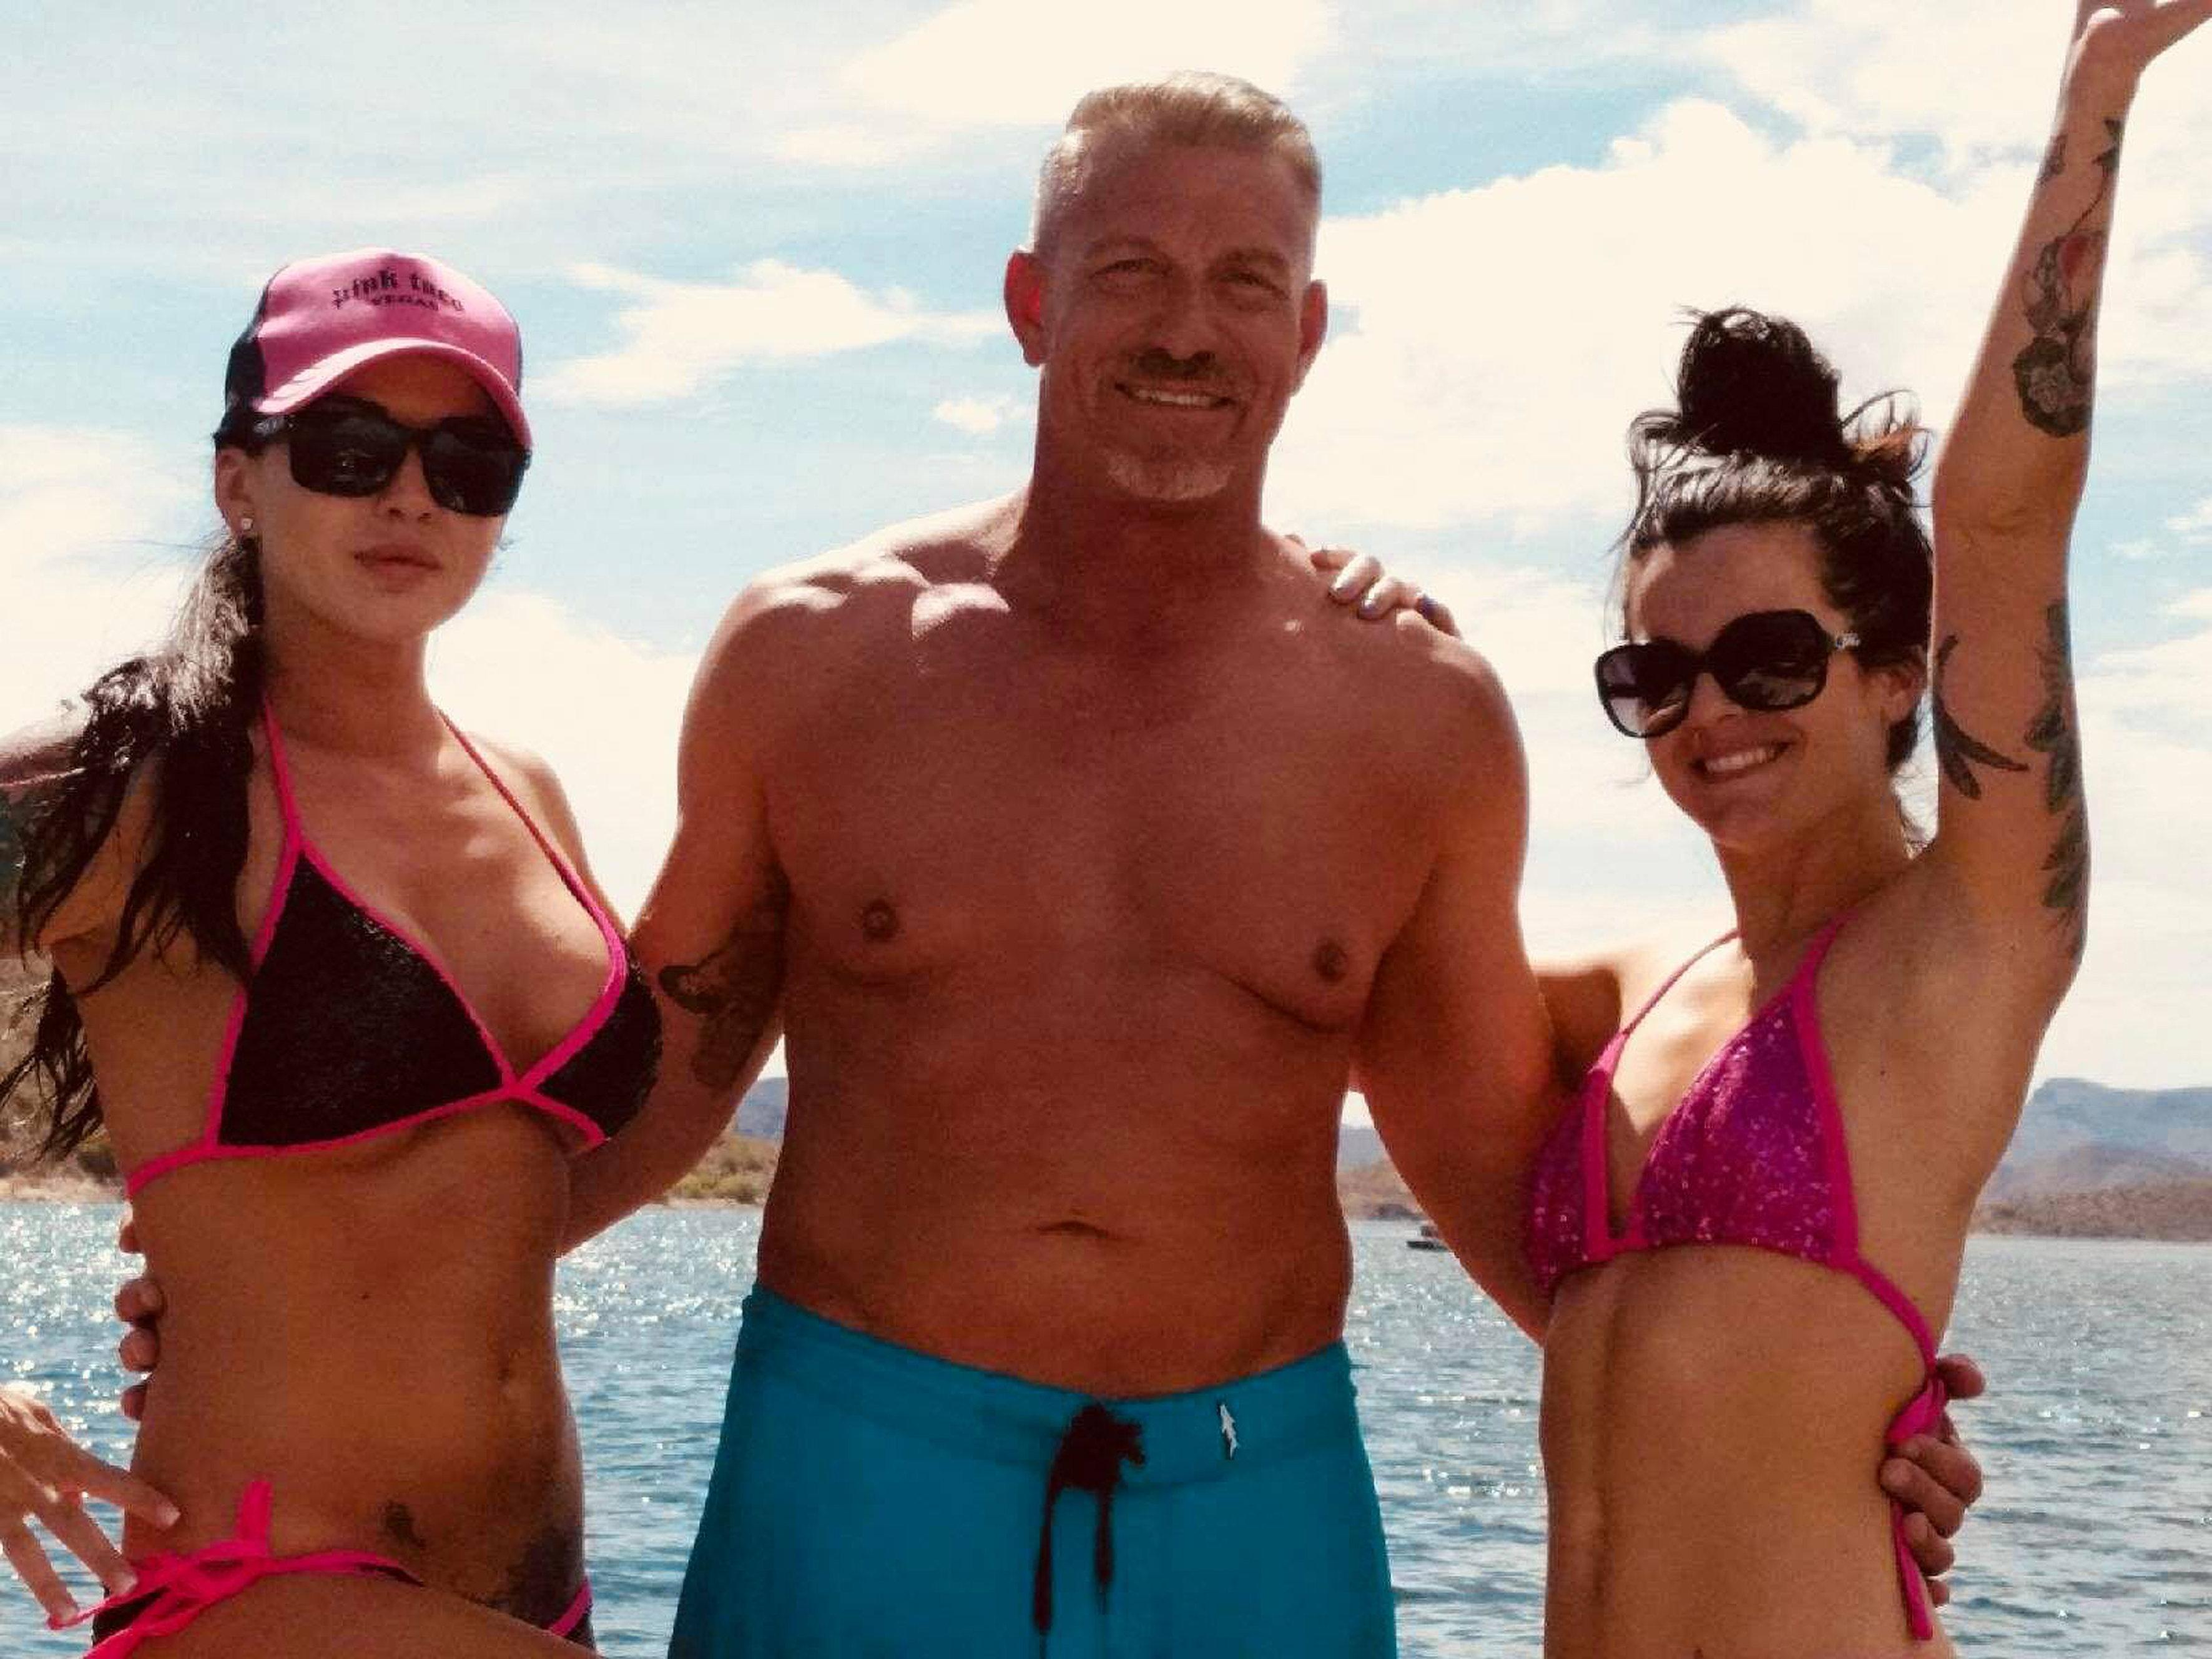 Dieser Mann hat die Freundin seiner Tochter geheiratet –so hat die Familie